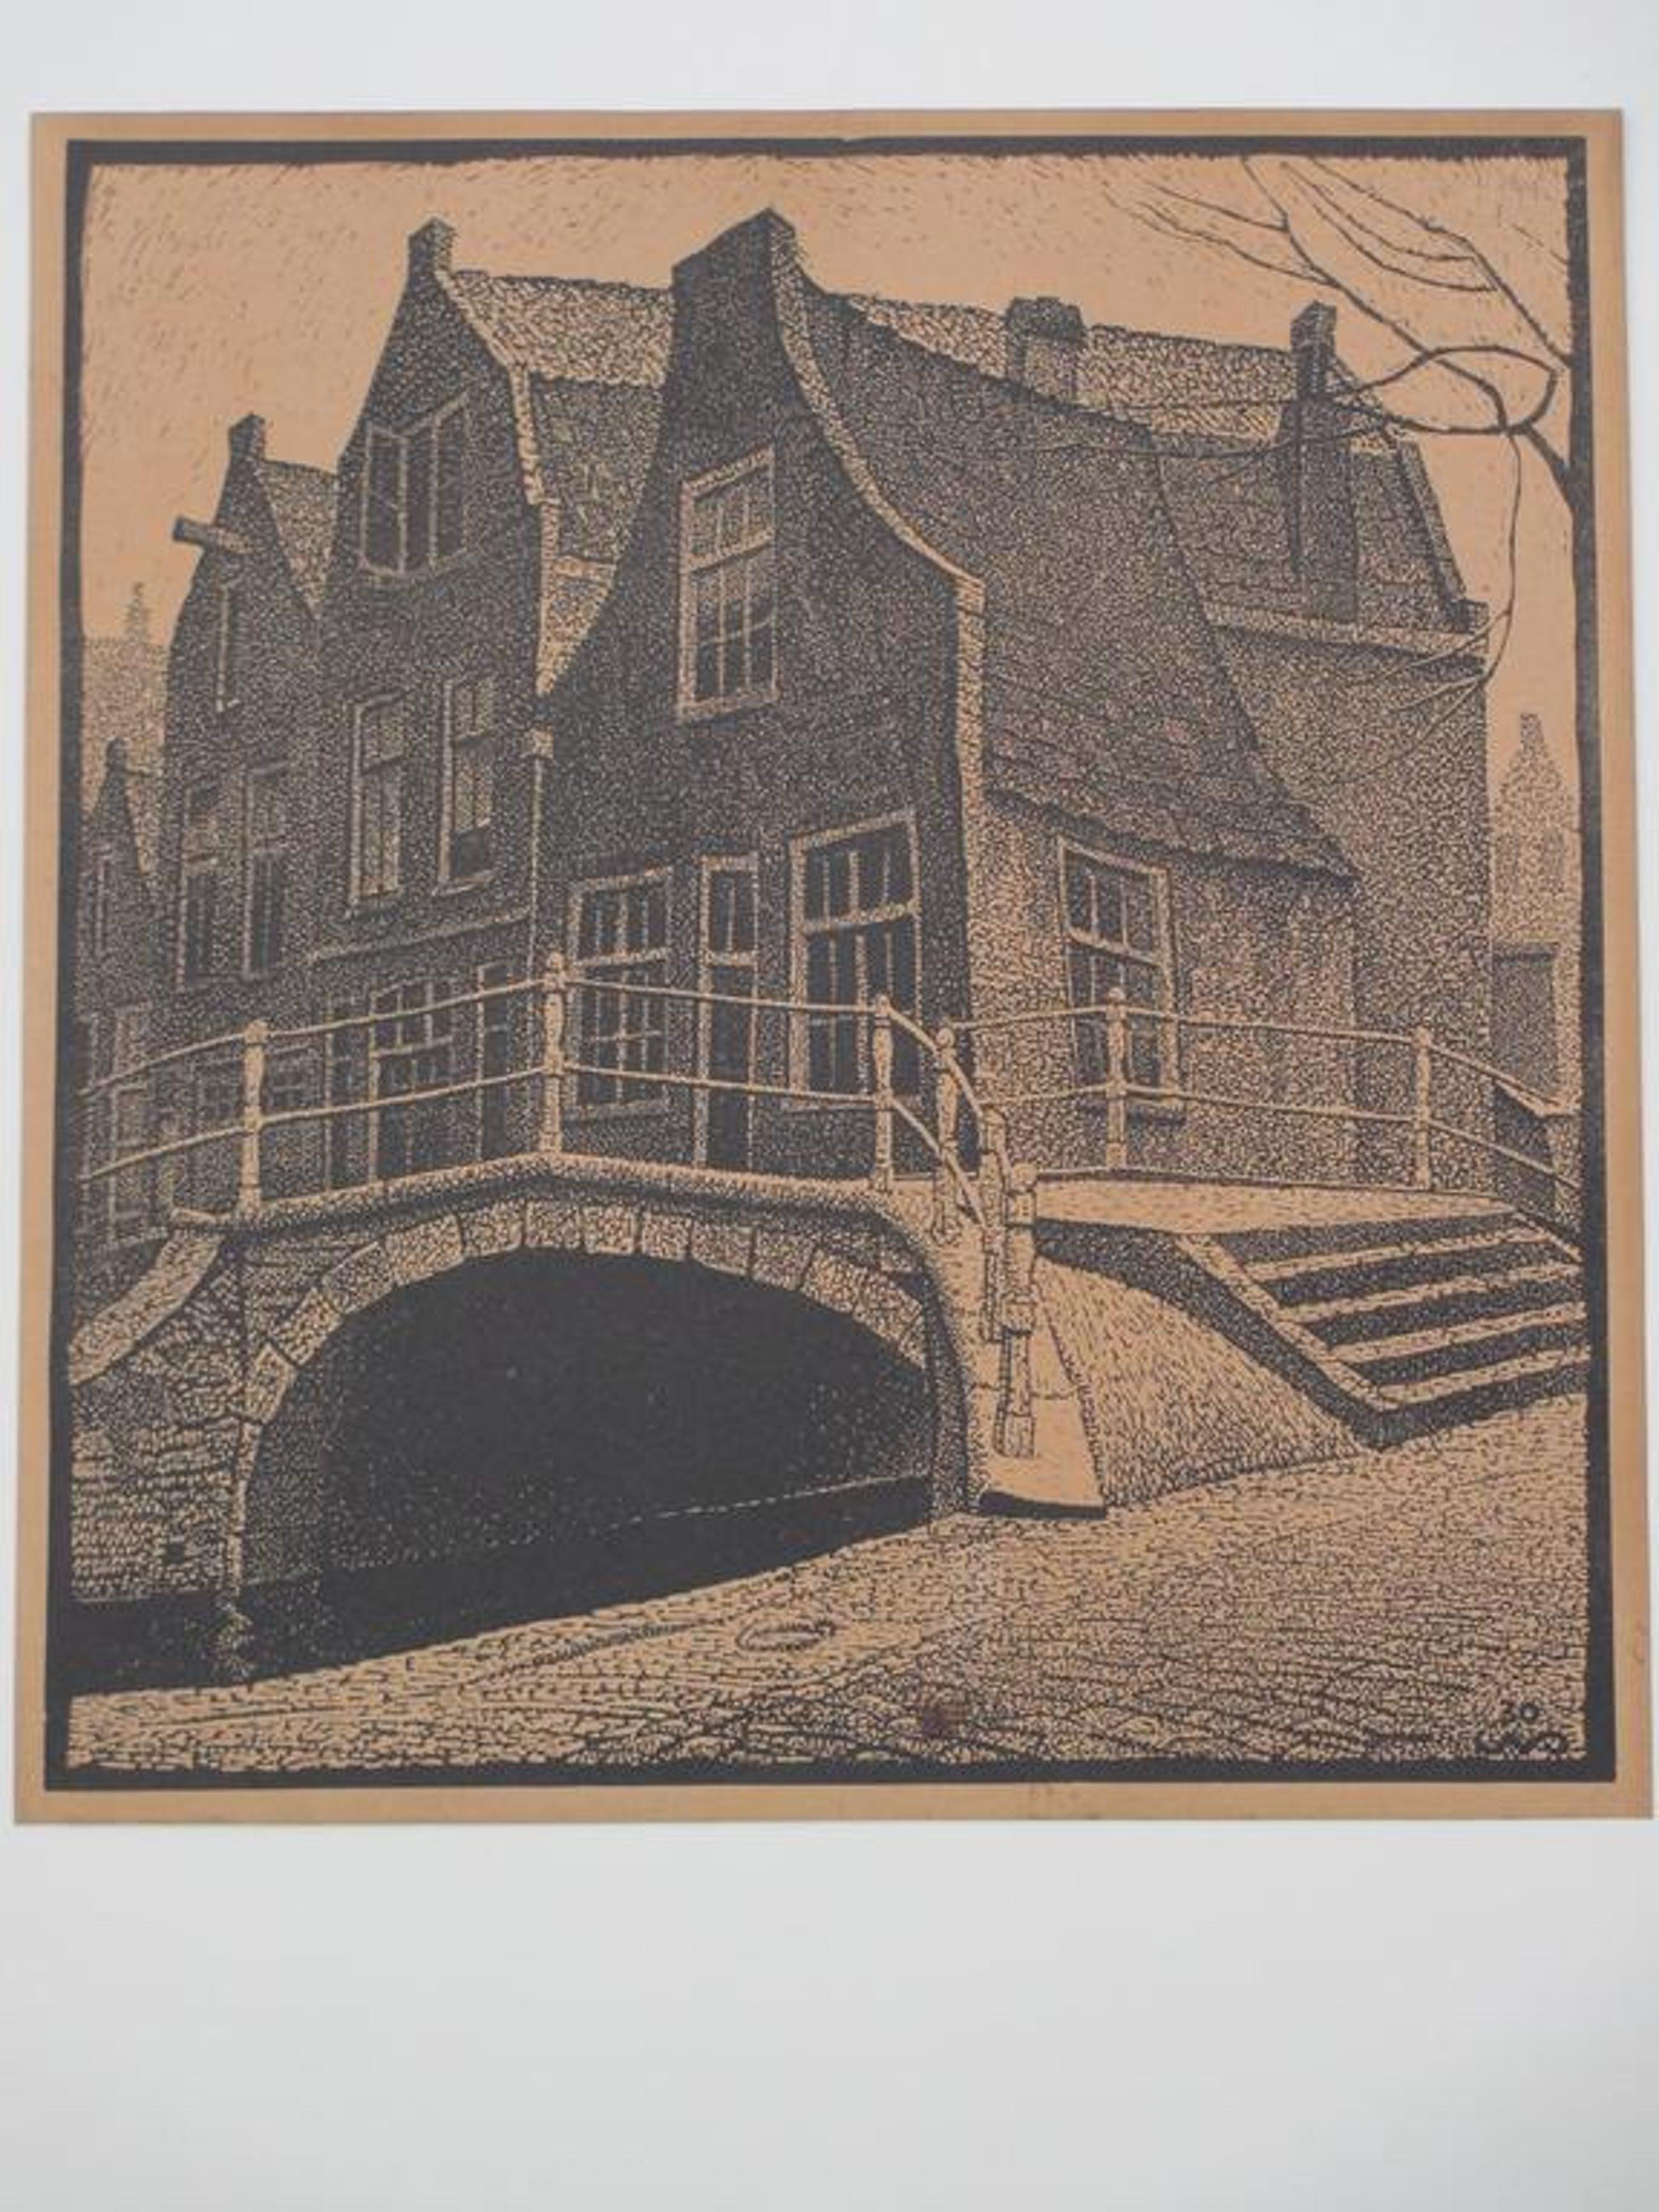 Cornelis van Oel, Stadsgezicht Delft, Houtsnede kopen? Bied vanaf 35!